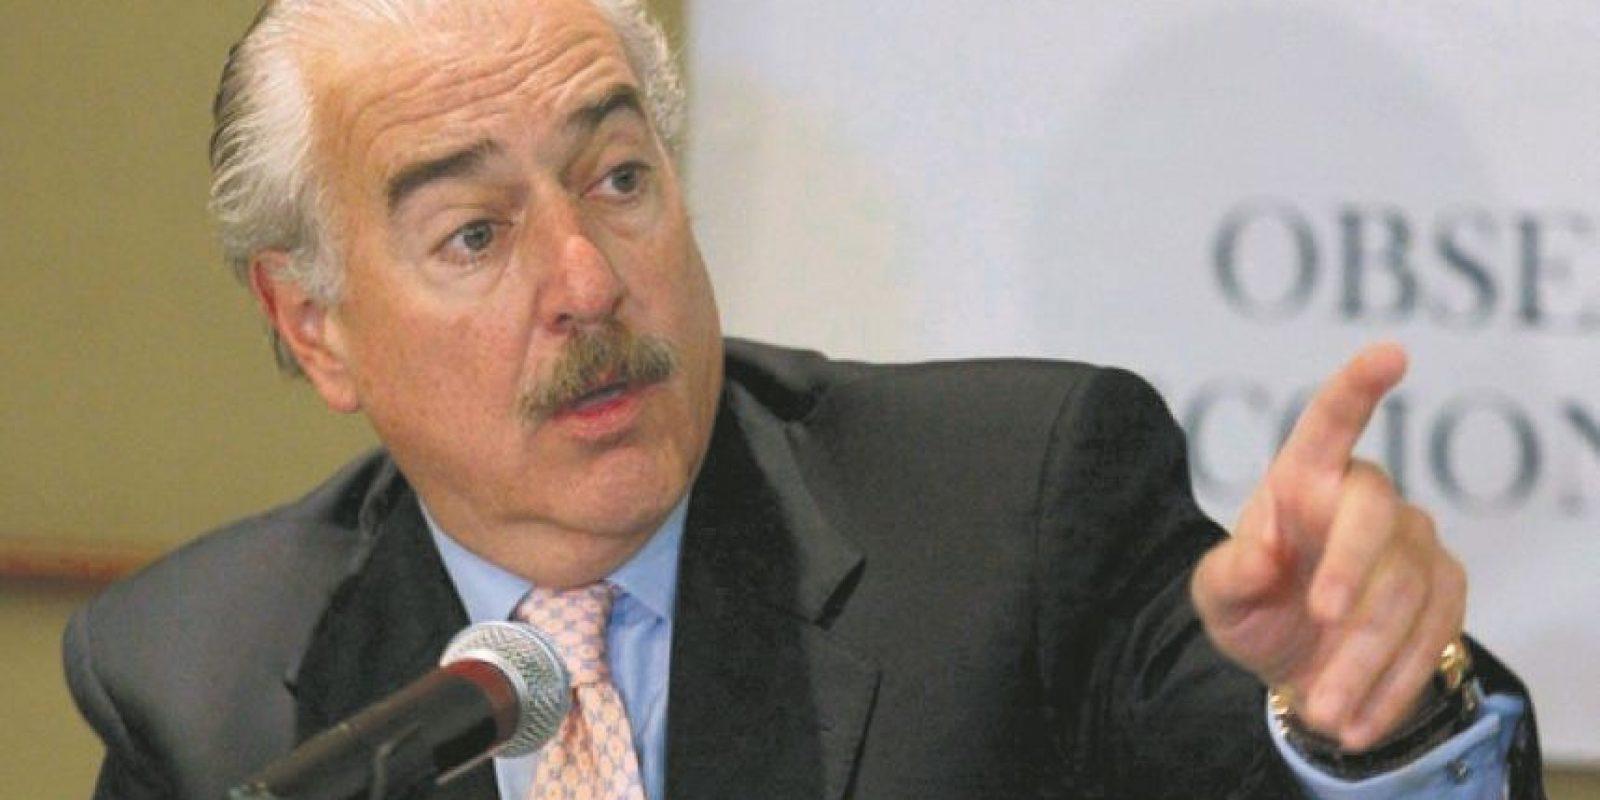 Andrés Pastrana expuso las quejas ante el Consejo Permanente de la OEA. Foto:Fuente externa